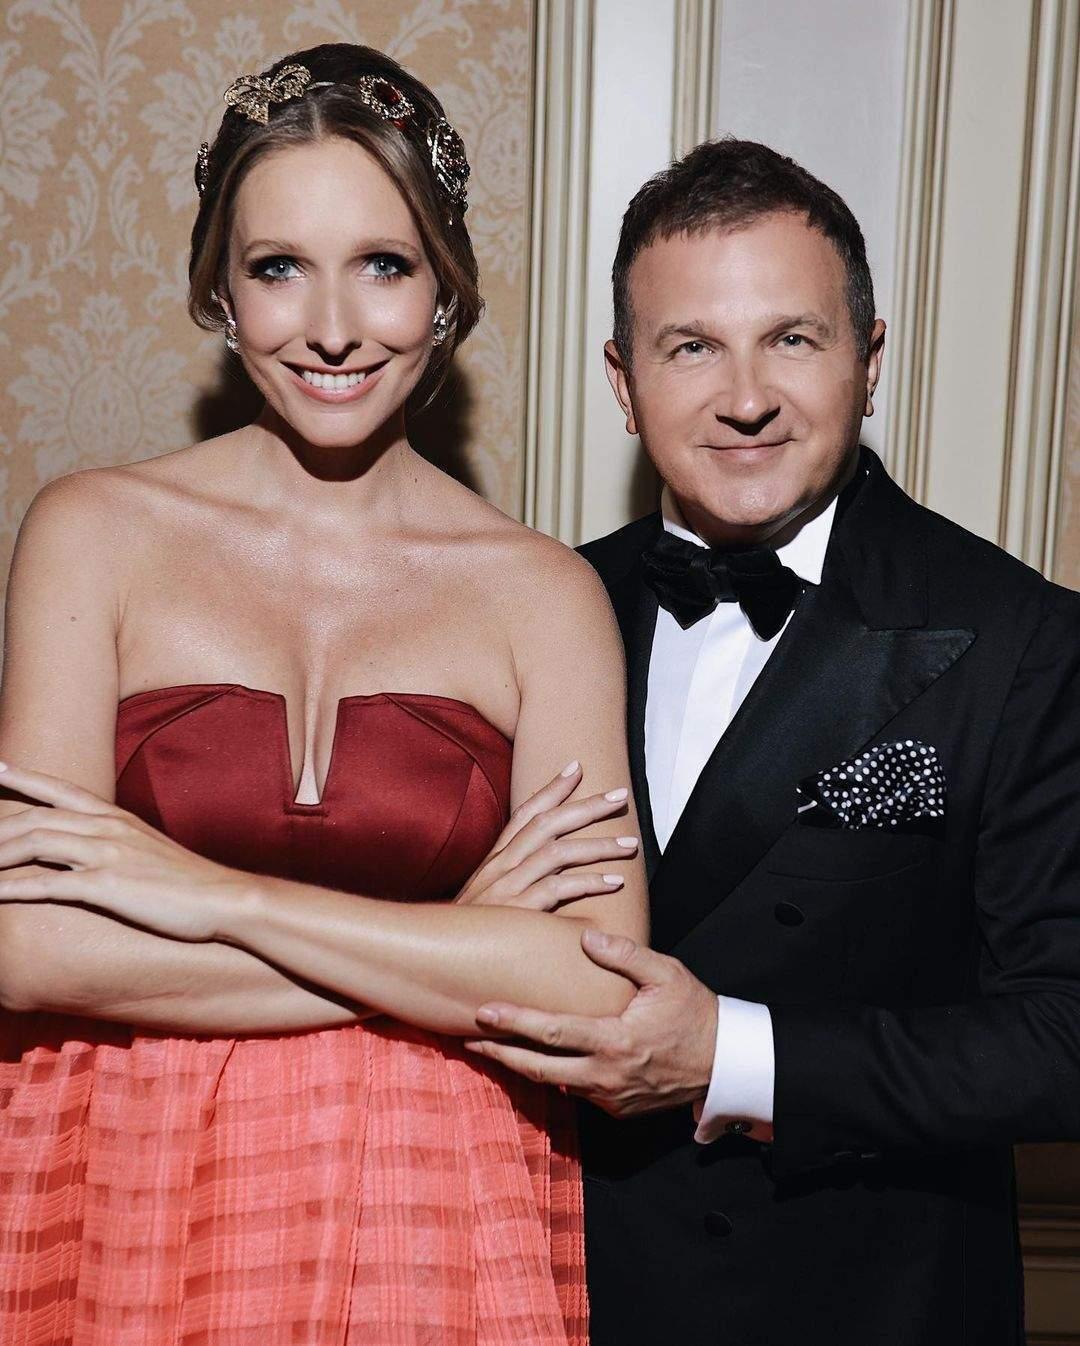 Катя Осадчая и Юрий Горбунов поженились в 2017 году